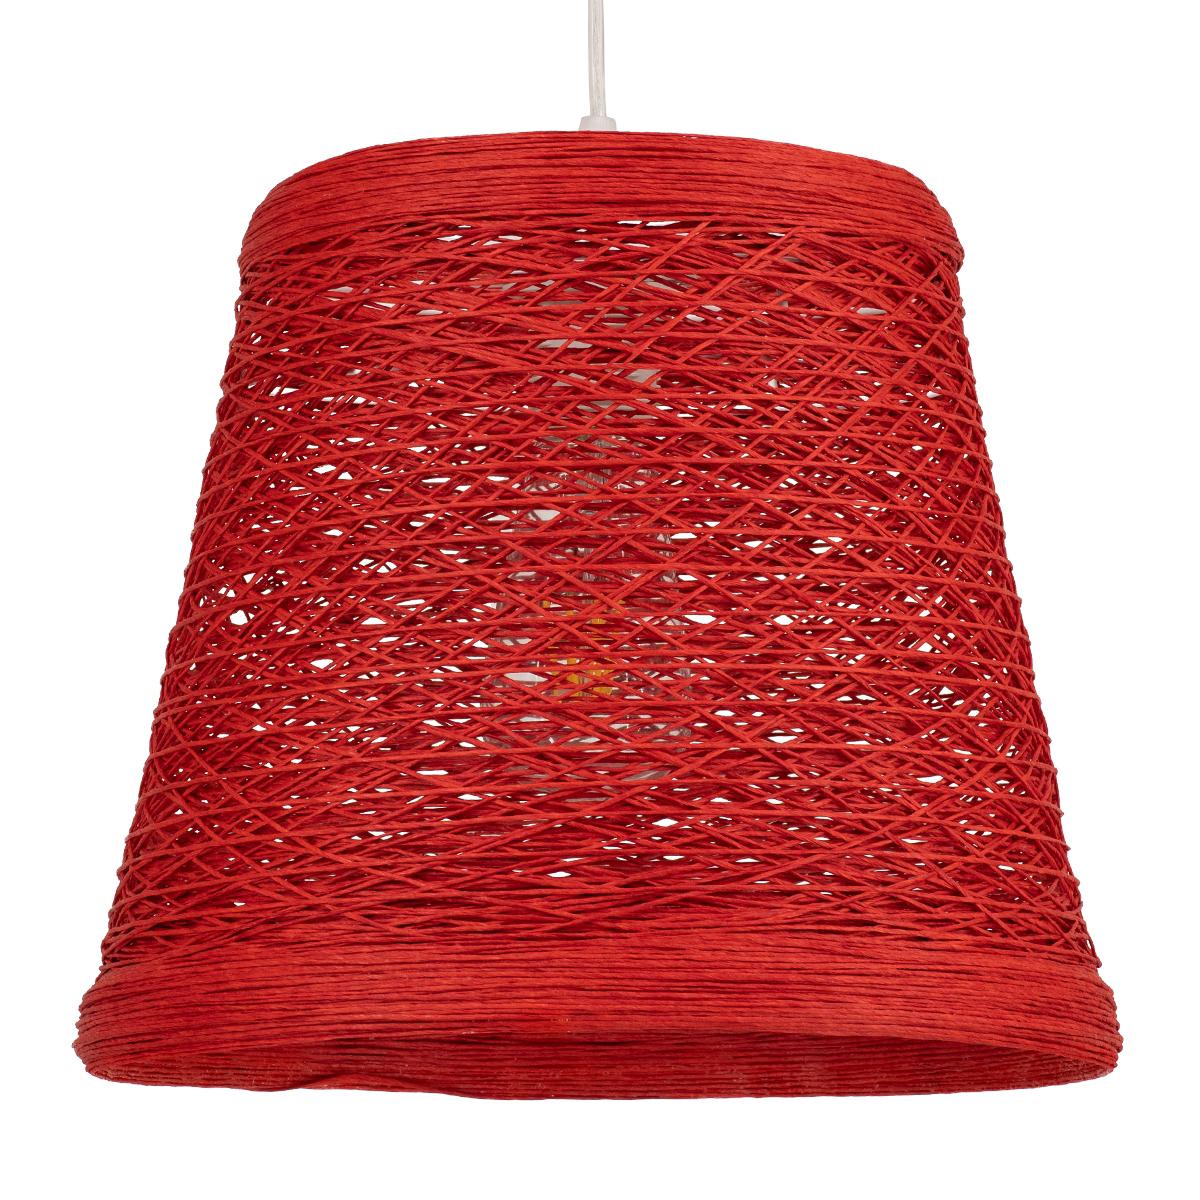 Φωτιστικό Οροφής Μονόφωτο Globostar Playroom 00863 Rattan 00863 Κόκκινο